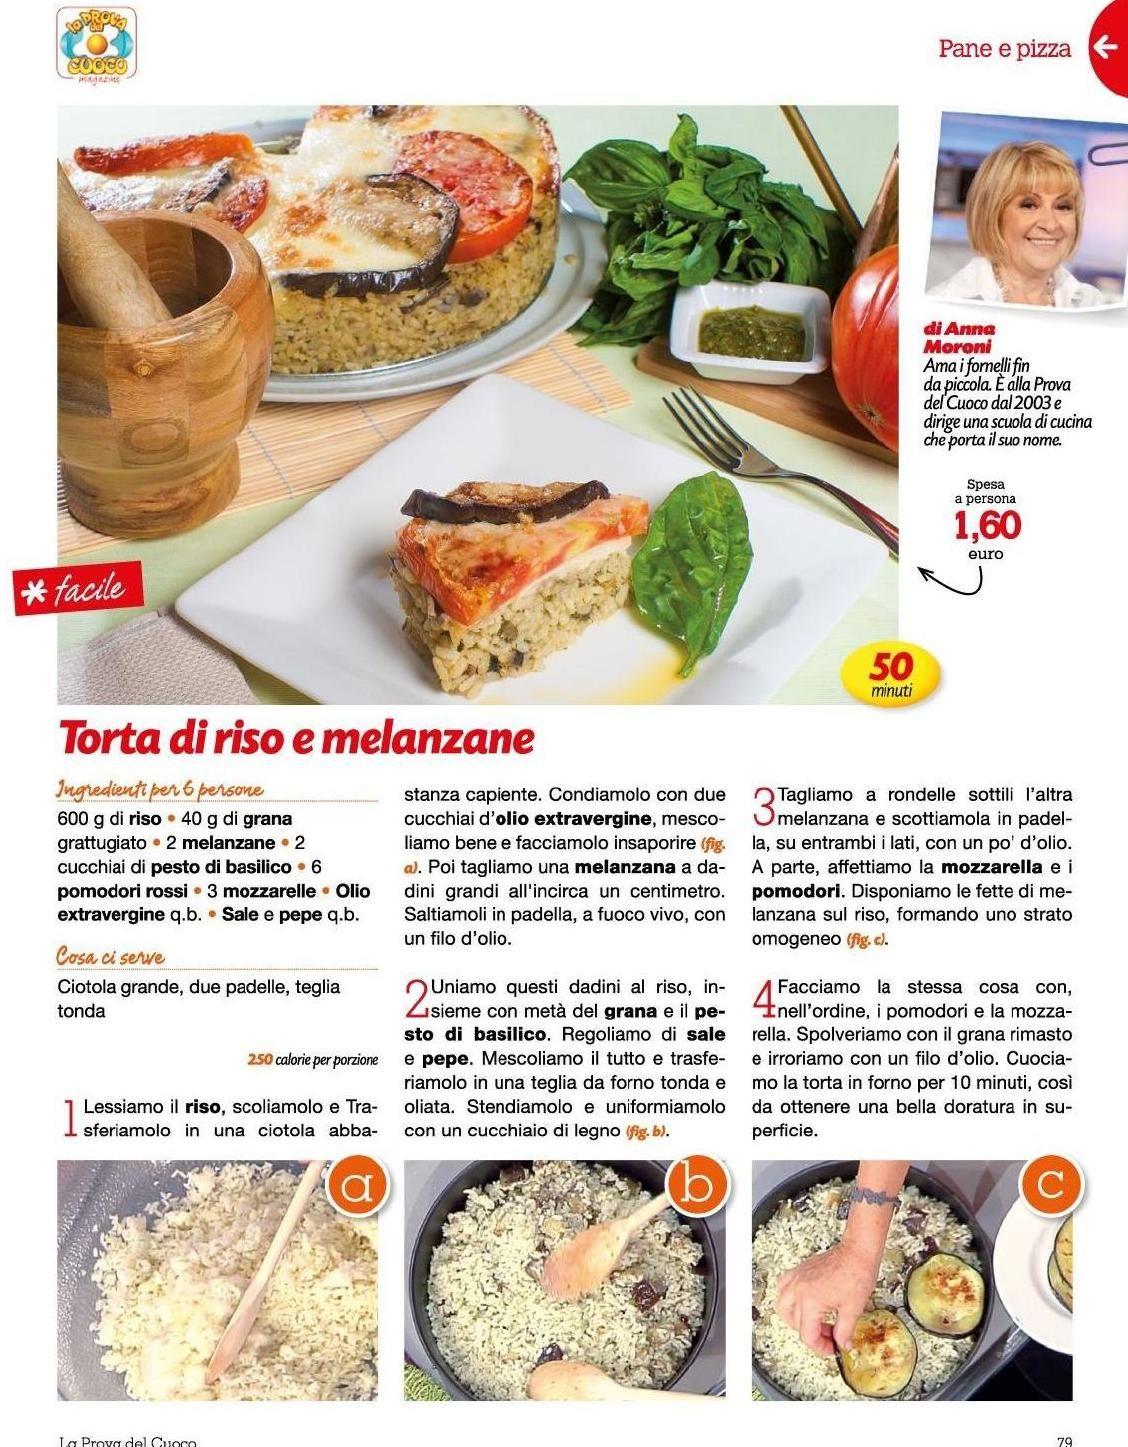 Cosa Cucinare Ad Agosto prova del cuoco 17 agosto 2015 | ricette, torte di riso e